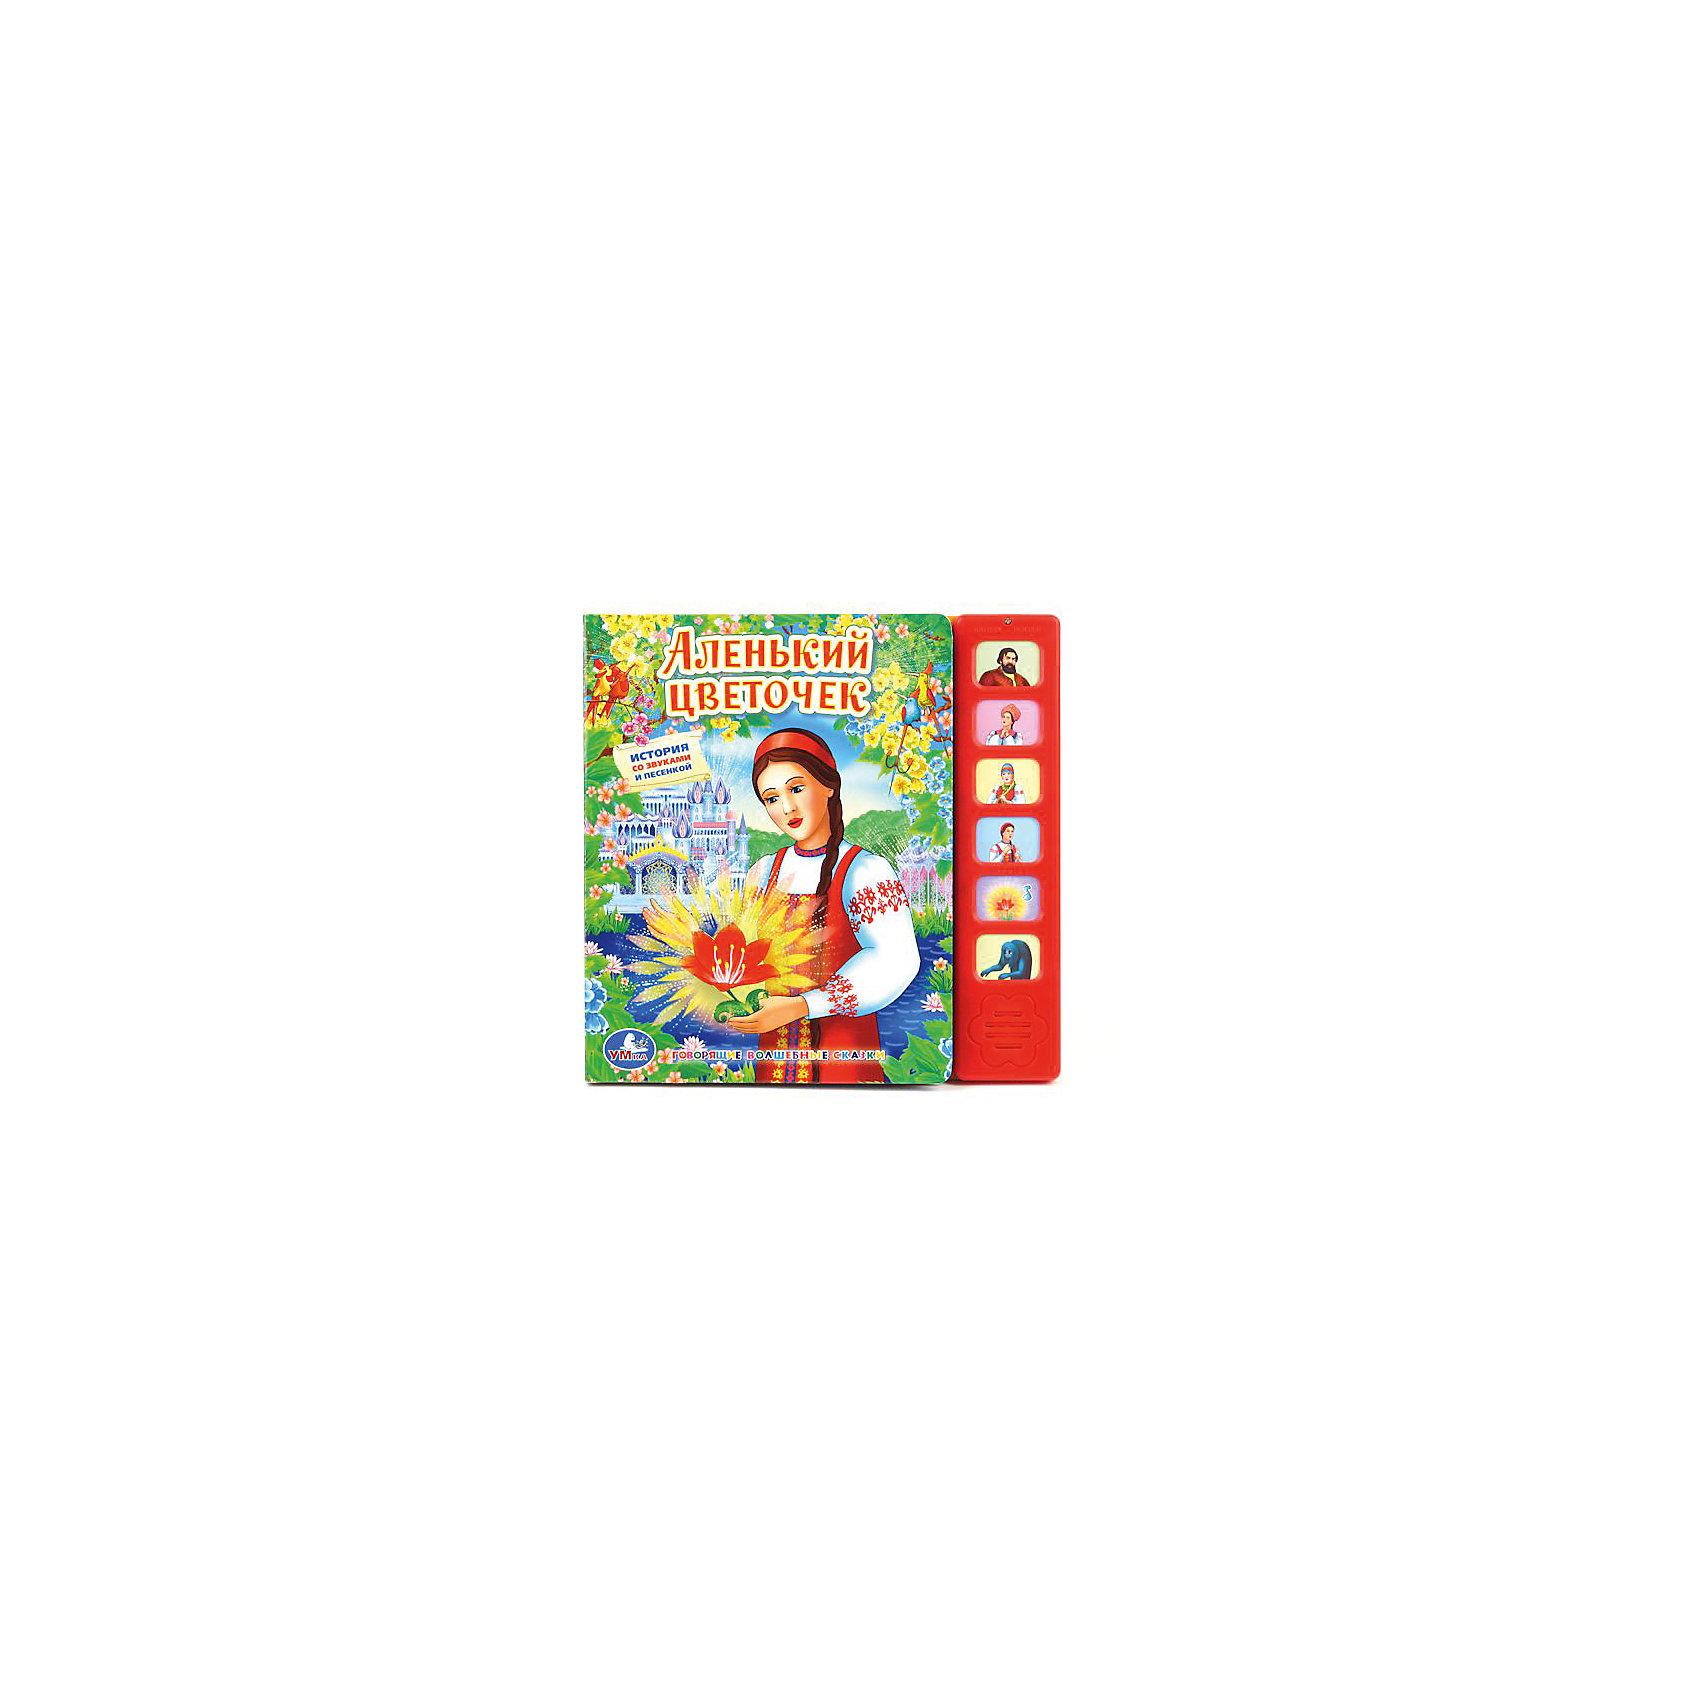 Книга со звуком Аленький цветочек, СоюзмультфильмХарактеристики товара:<br><br>• размер: 23x22 см<br>• материал: картон<br>• страниц: 12<br>• возраст: от года<br>• 10 звуковых кнопок<br>• цветные иллюстрации<br>• страна бренда: РФ<br>• страна изготовитель: РФ<br><br>Сказки и стихи не только развлекают малышей, они помогают учиться и познавать мир! Такая книжка станет отличным подарком ребенку и родителям - ведь с помощью неё можно слушать персонажей, прививать любовь к чтению, а также рассматривать картинки. Формат - очень удобный, качество печати - отличное! Книжка дополнена яркими картинками. Книжки со звуком особенно нравятся малышам.<br>Чтение даже в юном возрасте помогает детям развивать важные навыки и способности, оно активизирует мышление, формирует усидчивость, логику и воображение. Изделие производится из качественных и проверенных материалов, которые безопасны для детей.<br><br>Книжку со звуком Аленький цветочек от бренда Умка можно купить в нашем интернет-магазине.<br><br>Ширина мм: 10<br>Глубина мм: 220<br>Высота мм: 230<br>Вес г: 430<br>Возраст от месяцев: 36<br>Возраст до месяцев: 72<br>Пол: Унисекс<br>Возраст: Детский<br>SKU: 5196877